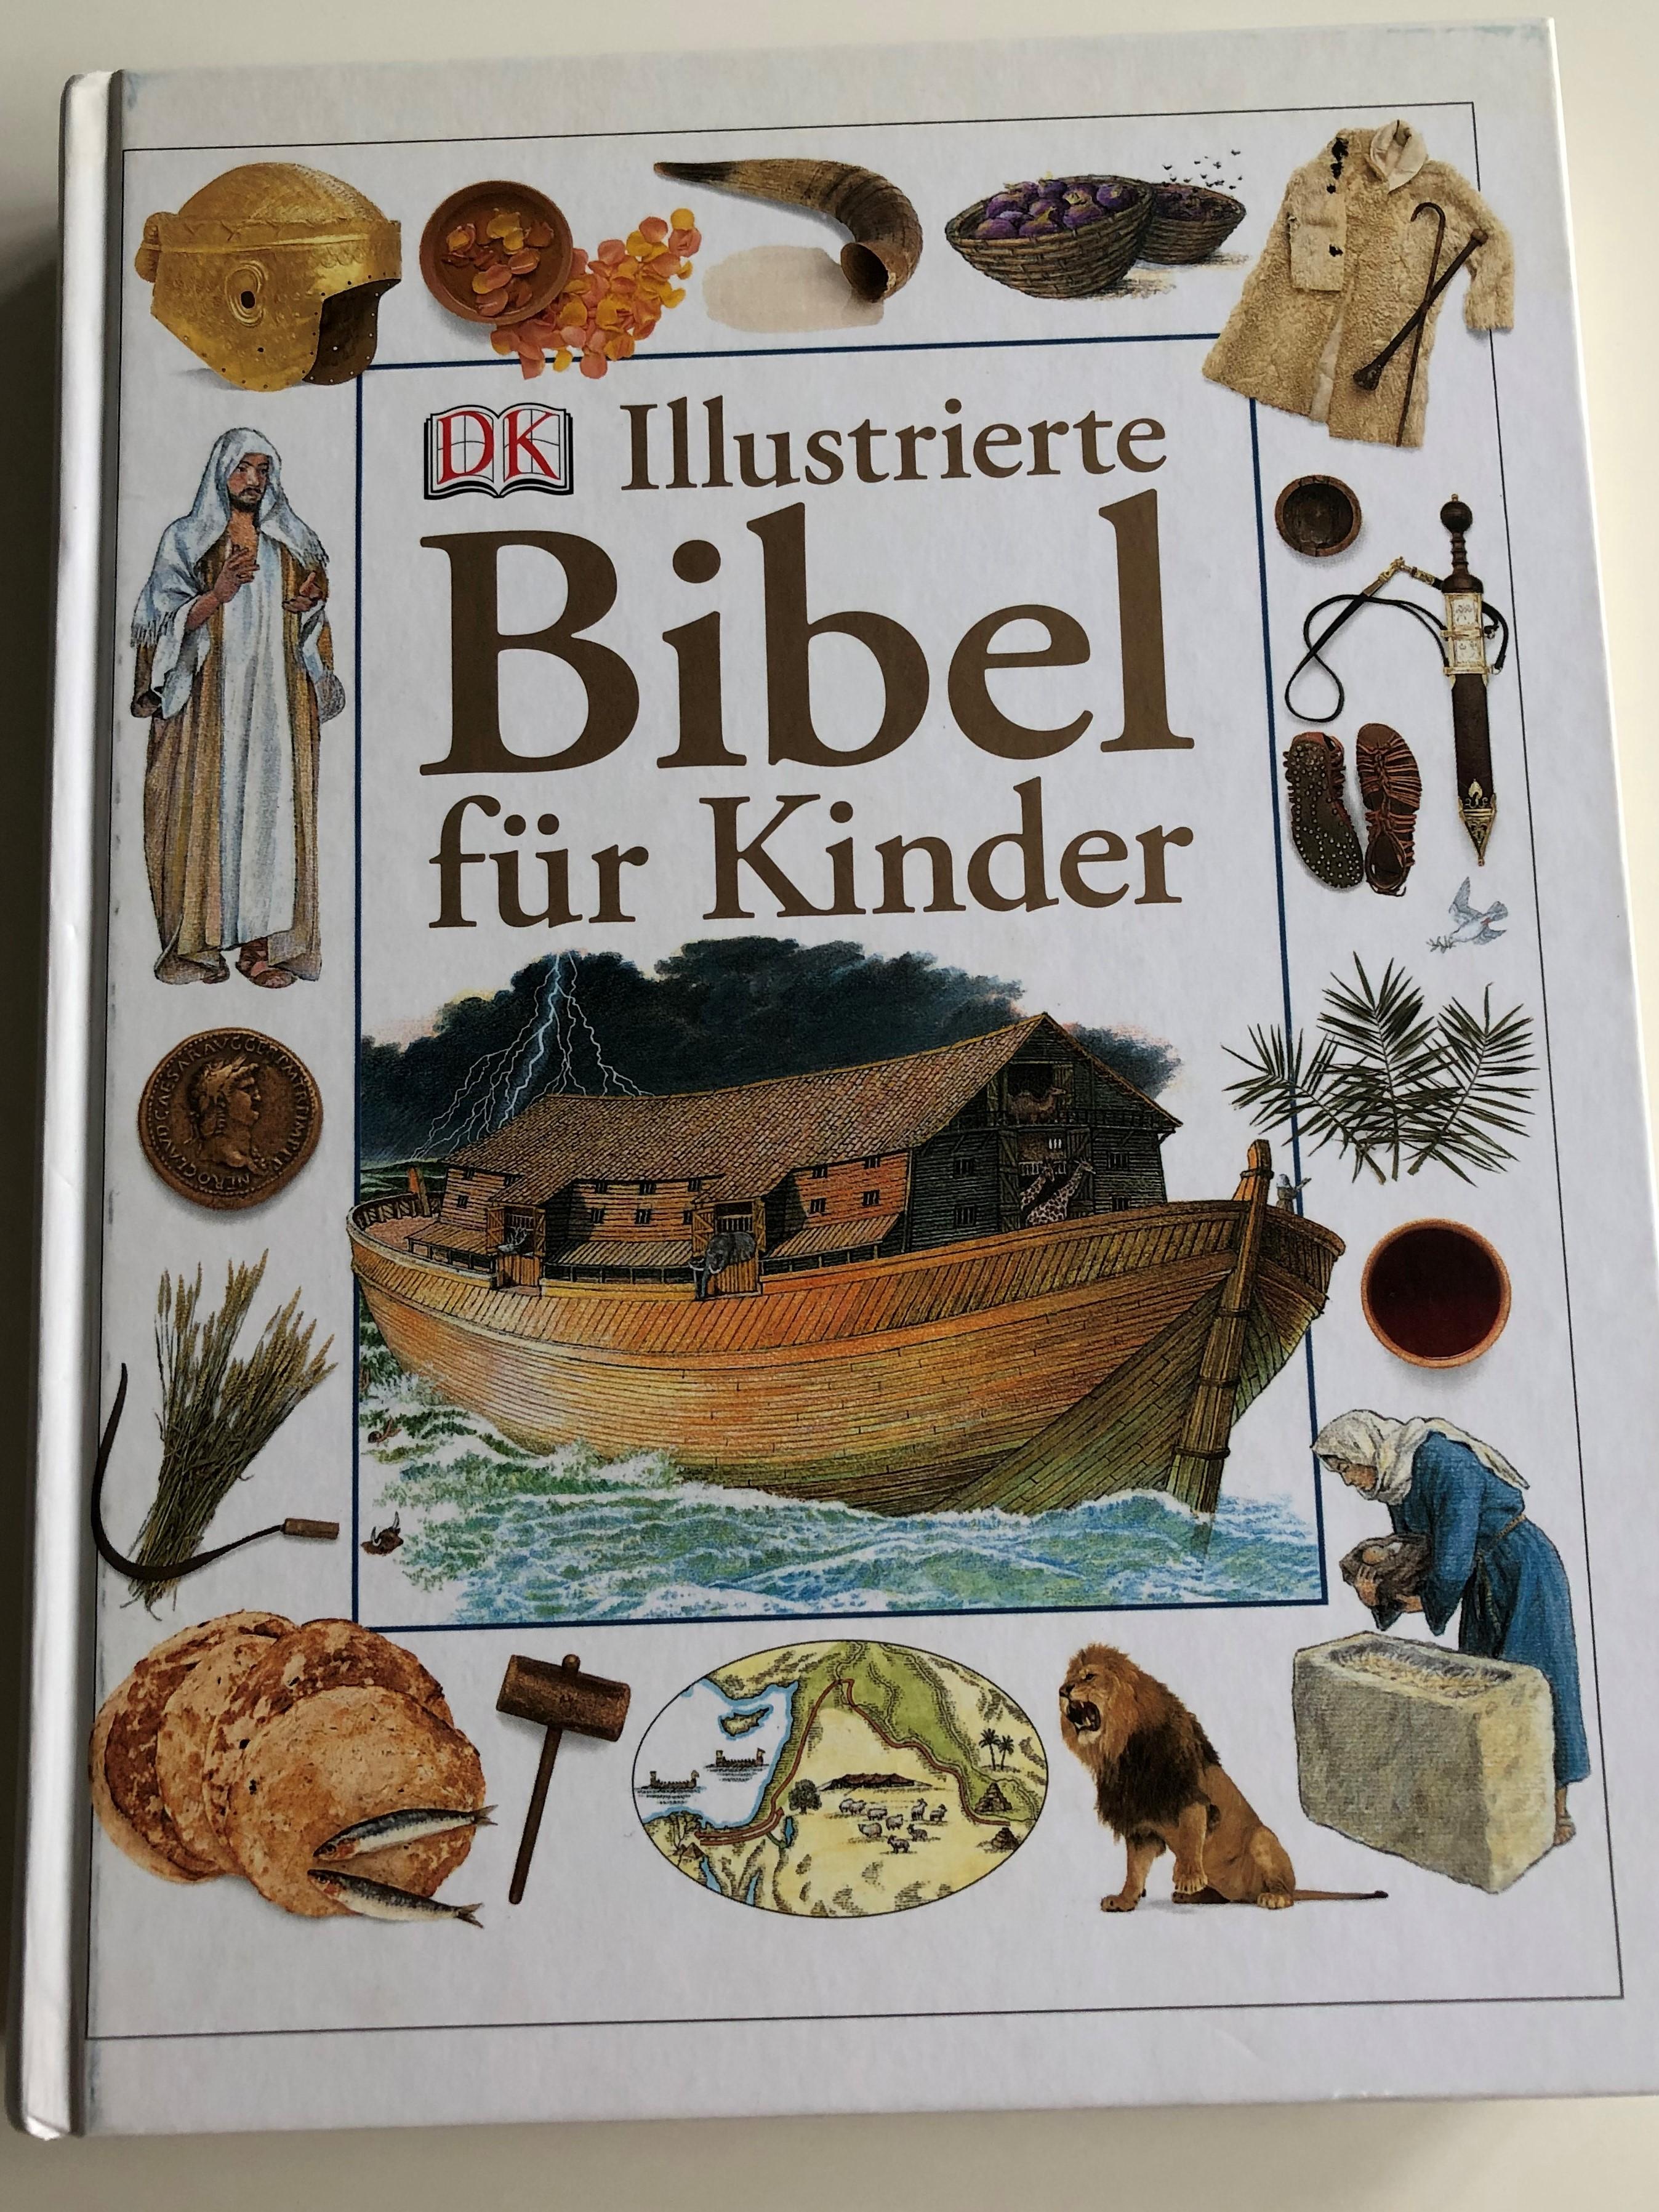 illustrierte-bibel-f-r-kinder-by-selina-hastings-german-translation-of-the-children-s-illustrated-bible-color-illustrations-maps-and-photos-dorling-kindersley-1-.jpg